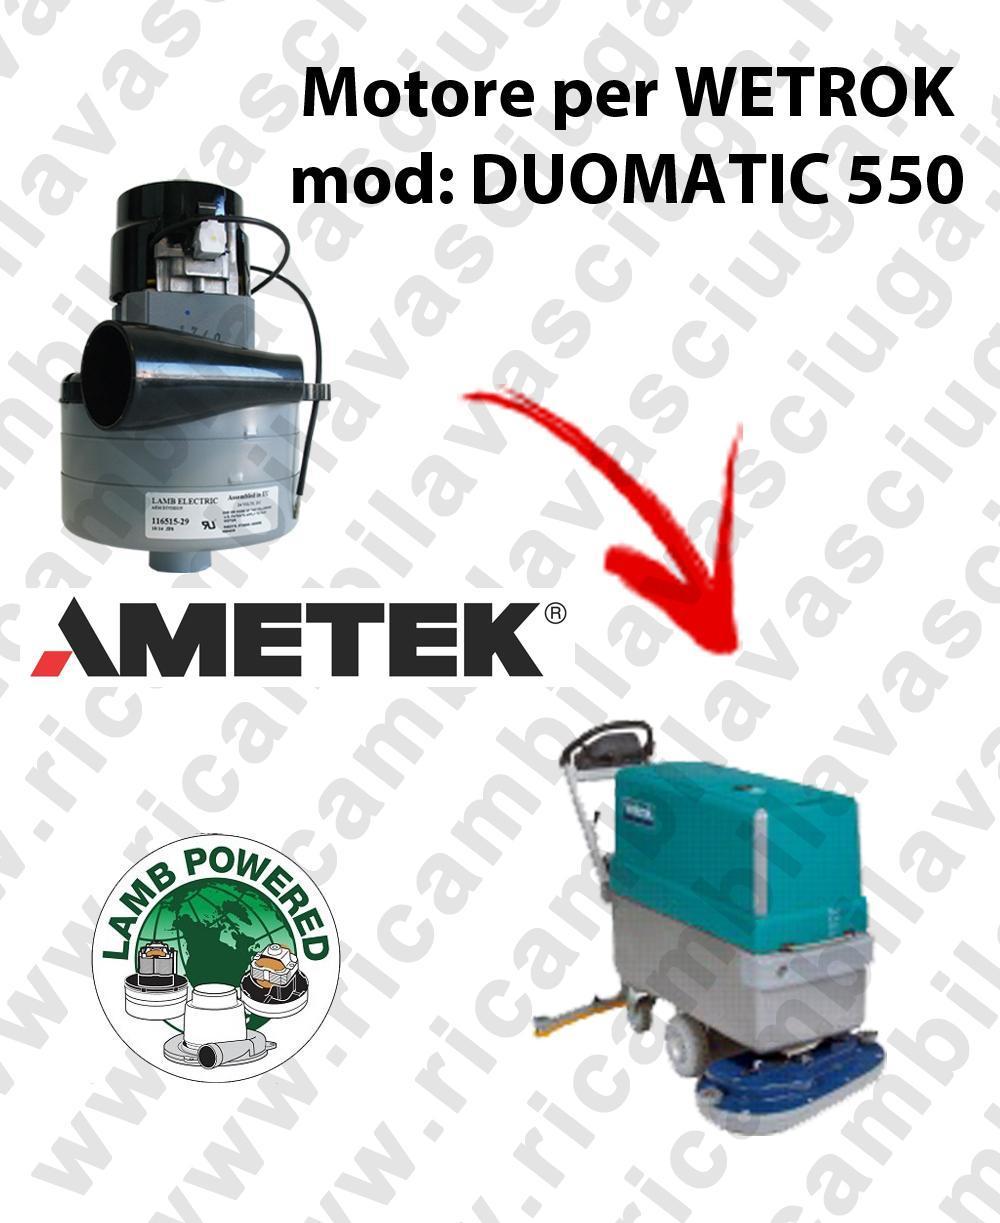 DUOMATIC 550 Saugmotor LAMB AMETEK für scheuersaugmaschinen WETROK